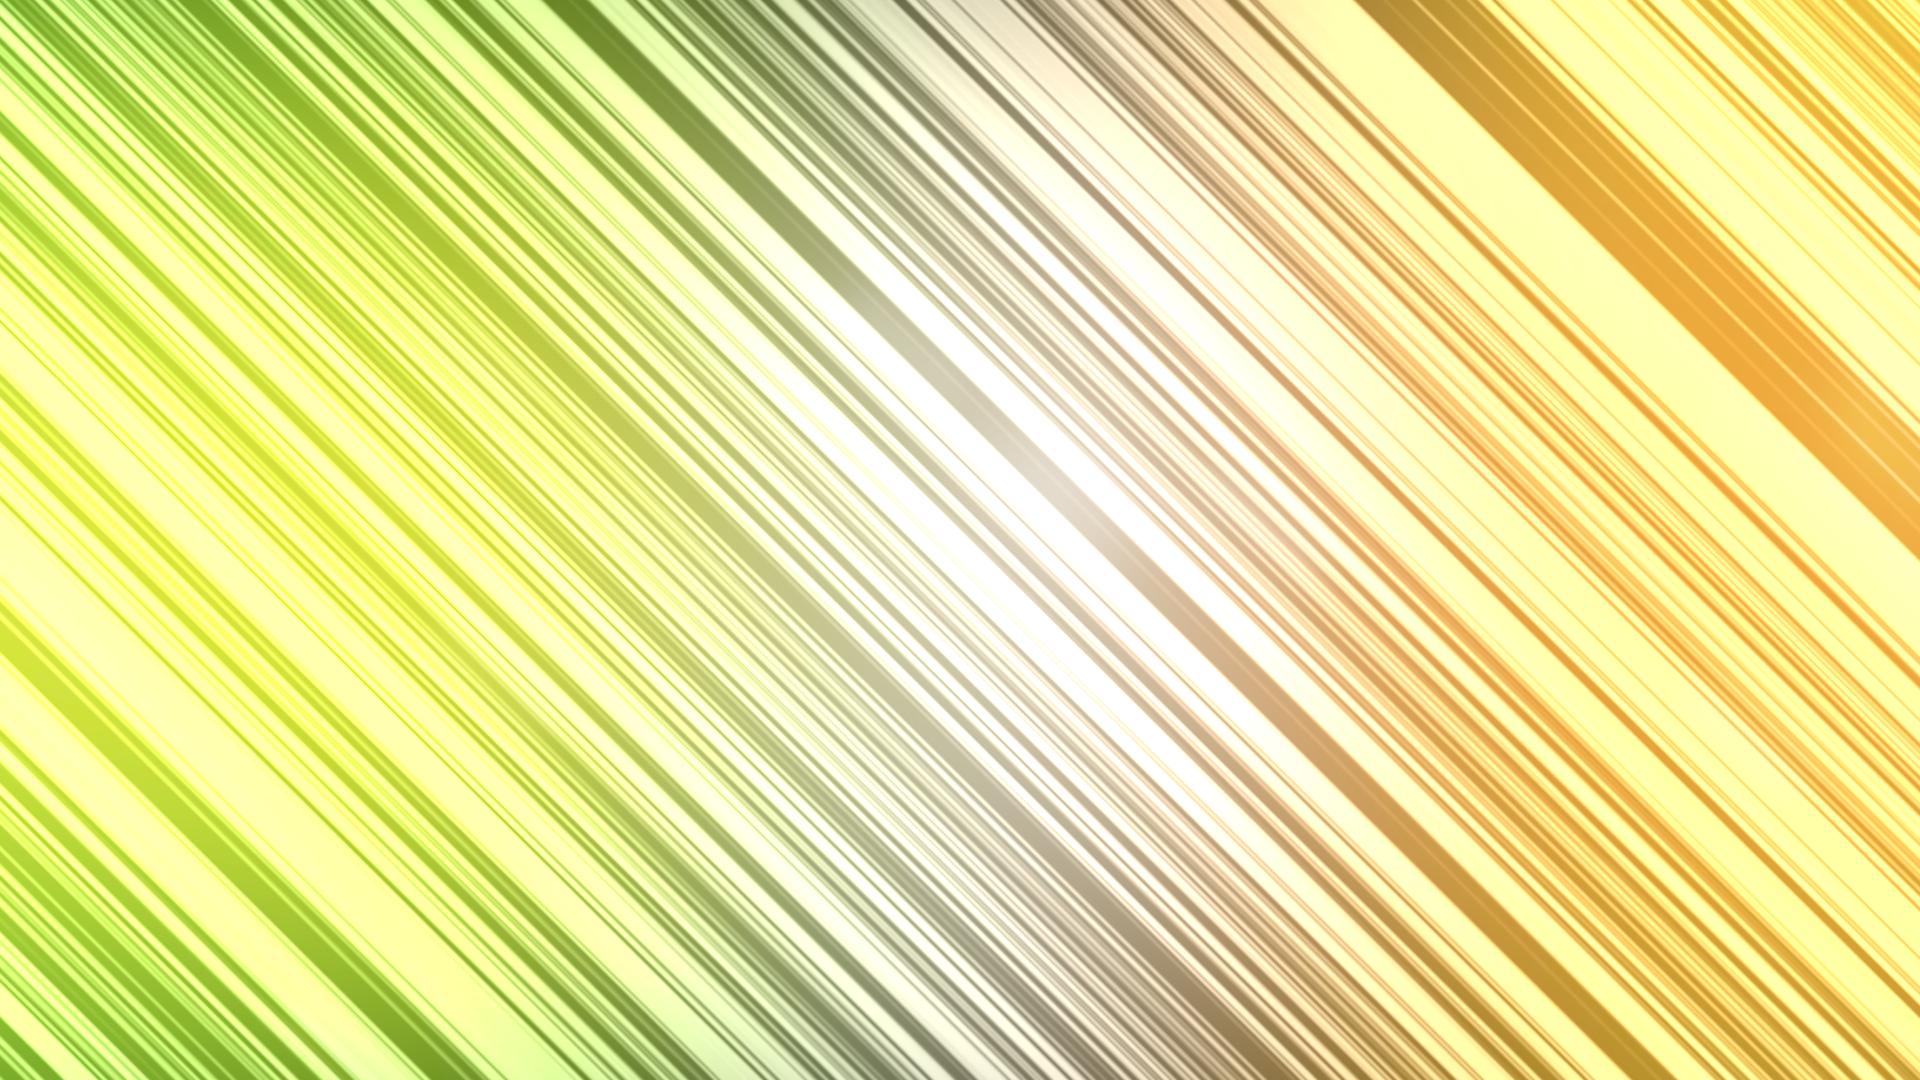 【無料背景画像】かっこいい!流れるカラフルなスピード線のサムネイル